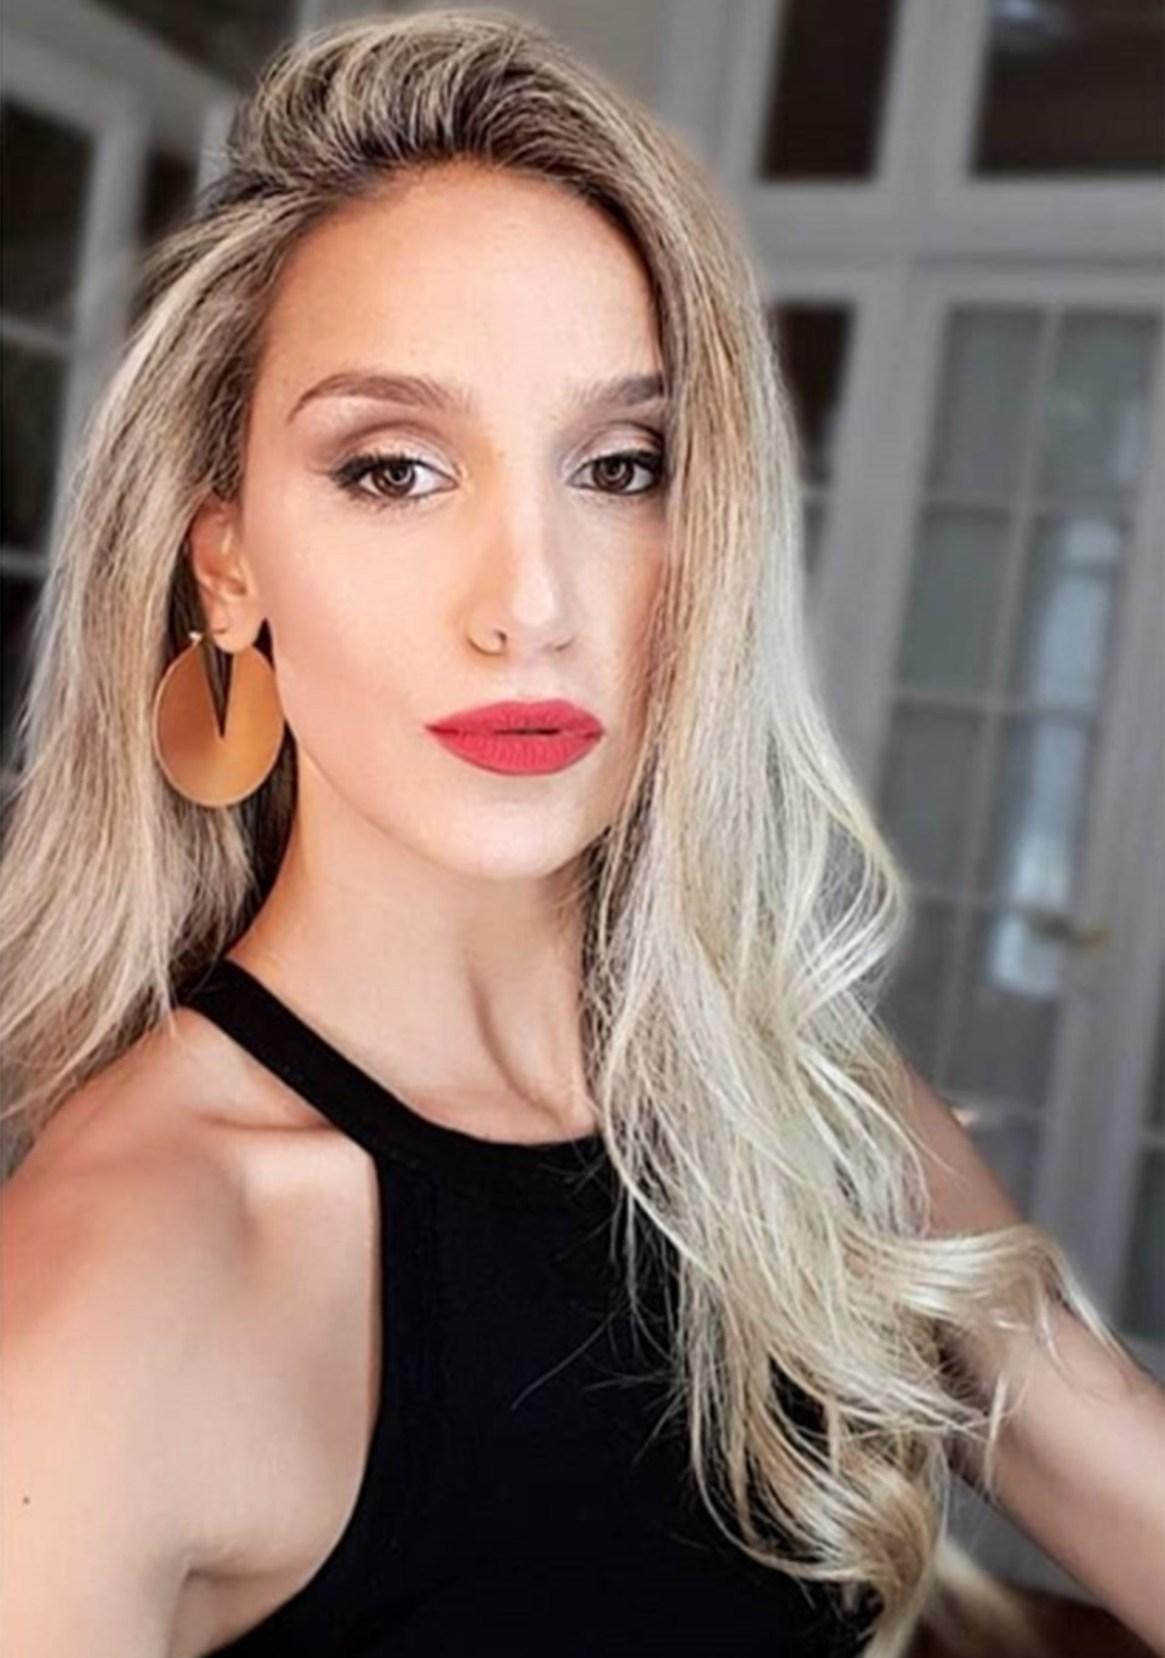 Martina Scigliano, en una de las fotos que posteó en su Instagram